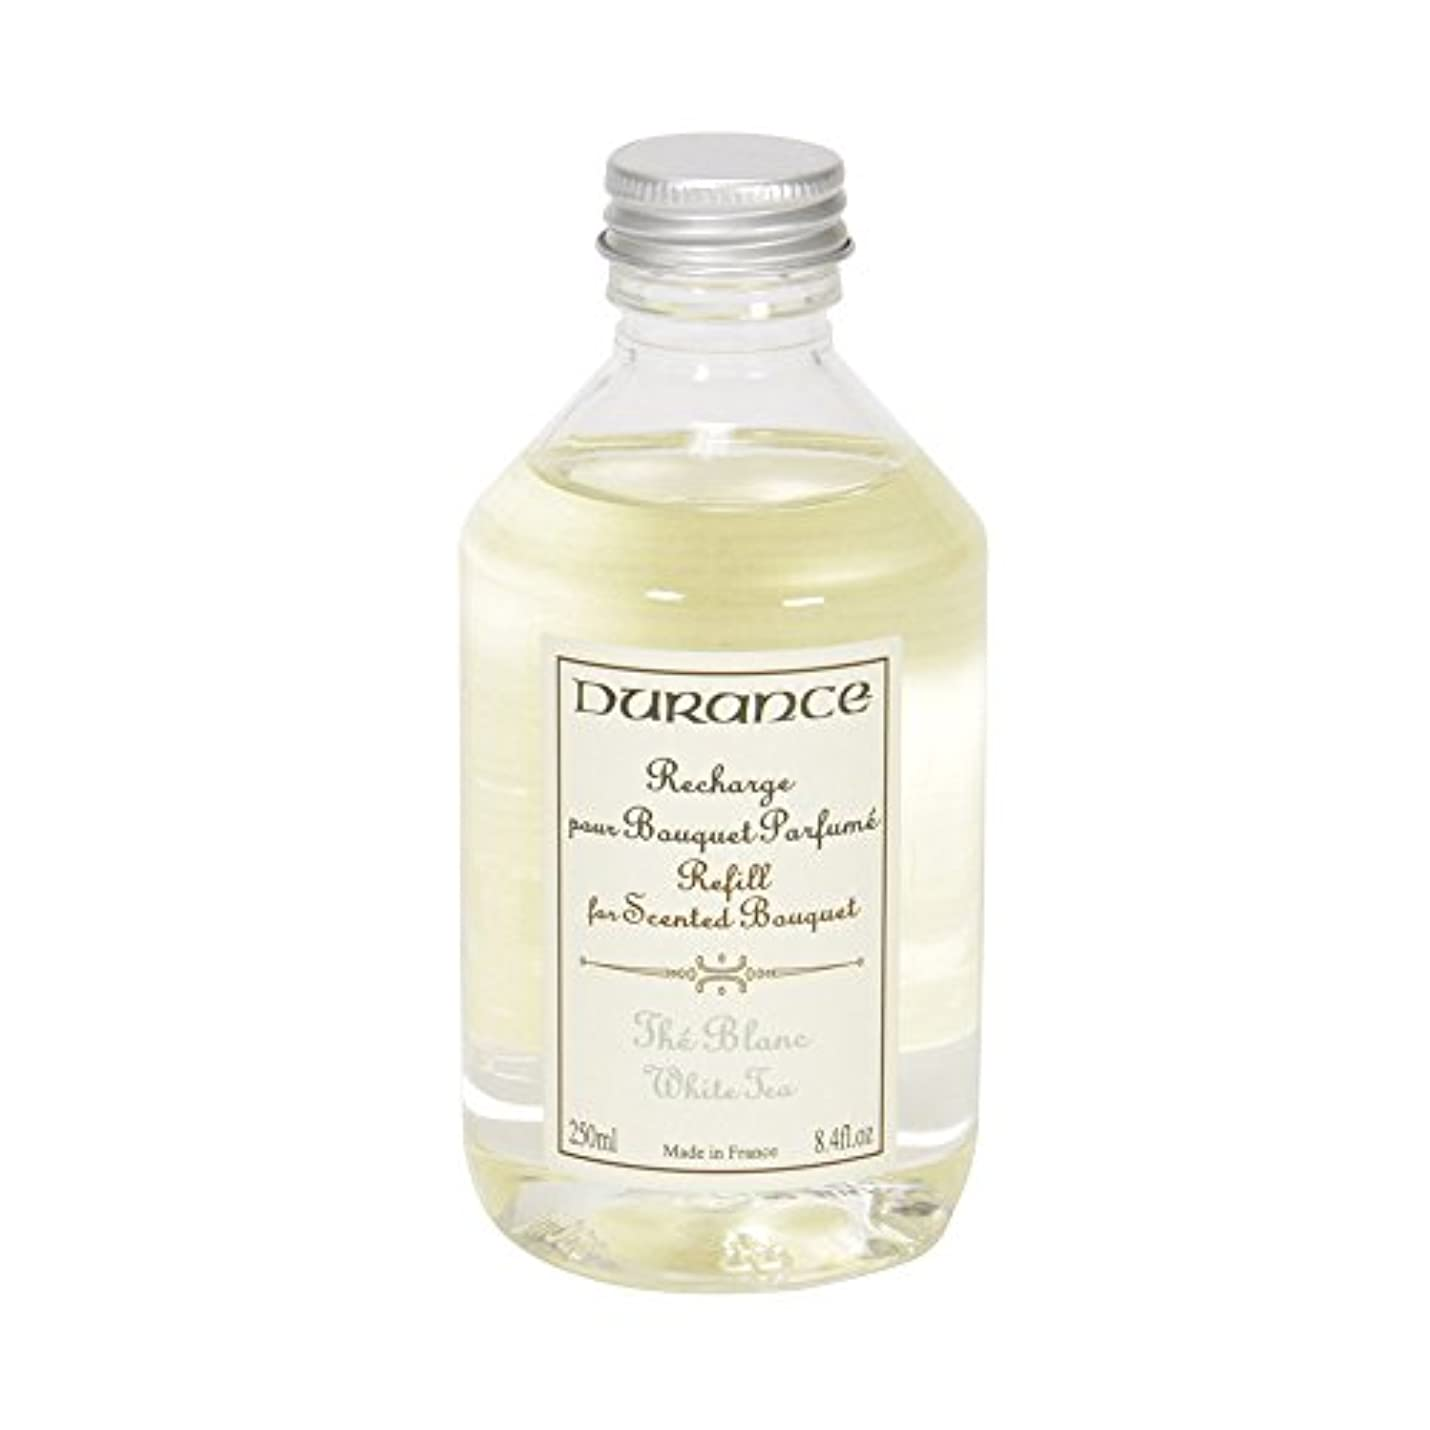 理想的には理想的には立派な【DURANCE】[ デュランス ] スティック型芳香剤 フレグランスブーケ リフィル Scented Bouquet refill ホワイトティー 045518-9 フレグランス ブーケ [並行輸入品]